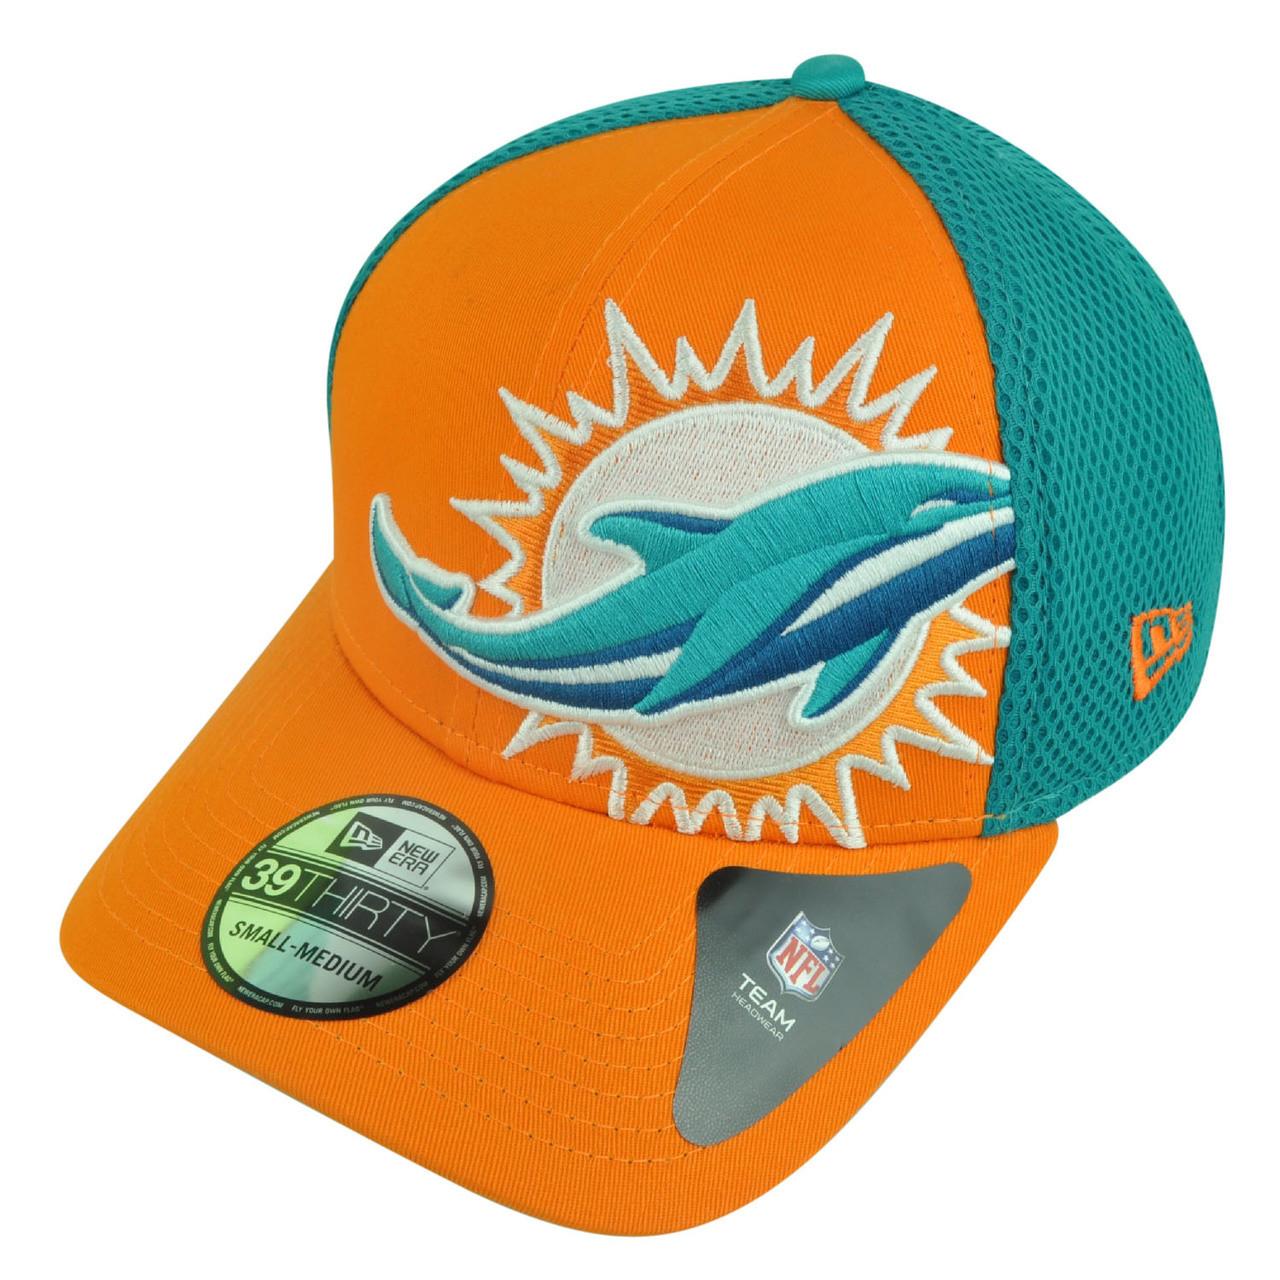 a0d6709df53 NFL New Era 3930 Miami Dolphins Flex Fit Small Medium Logo Blimp Neo ...